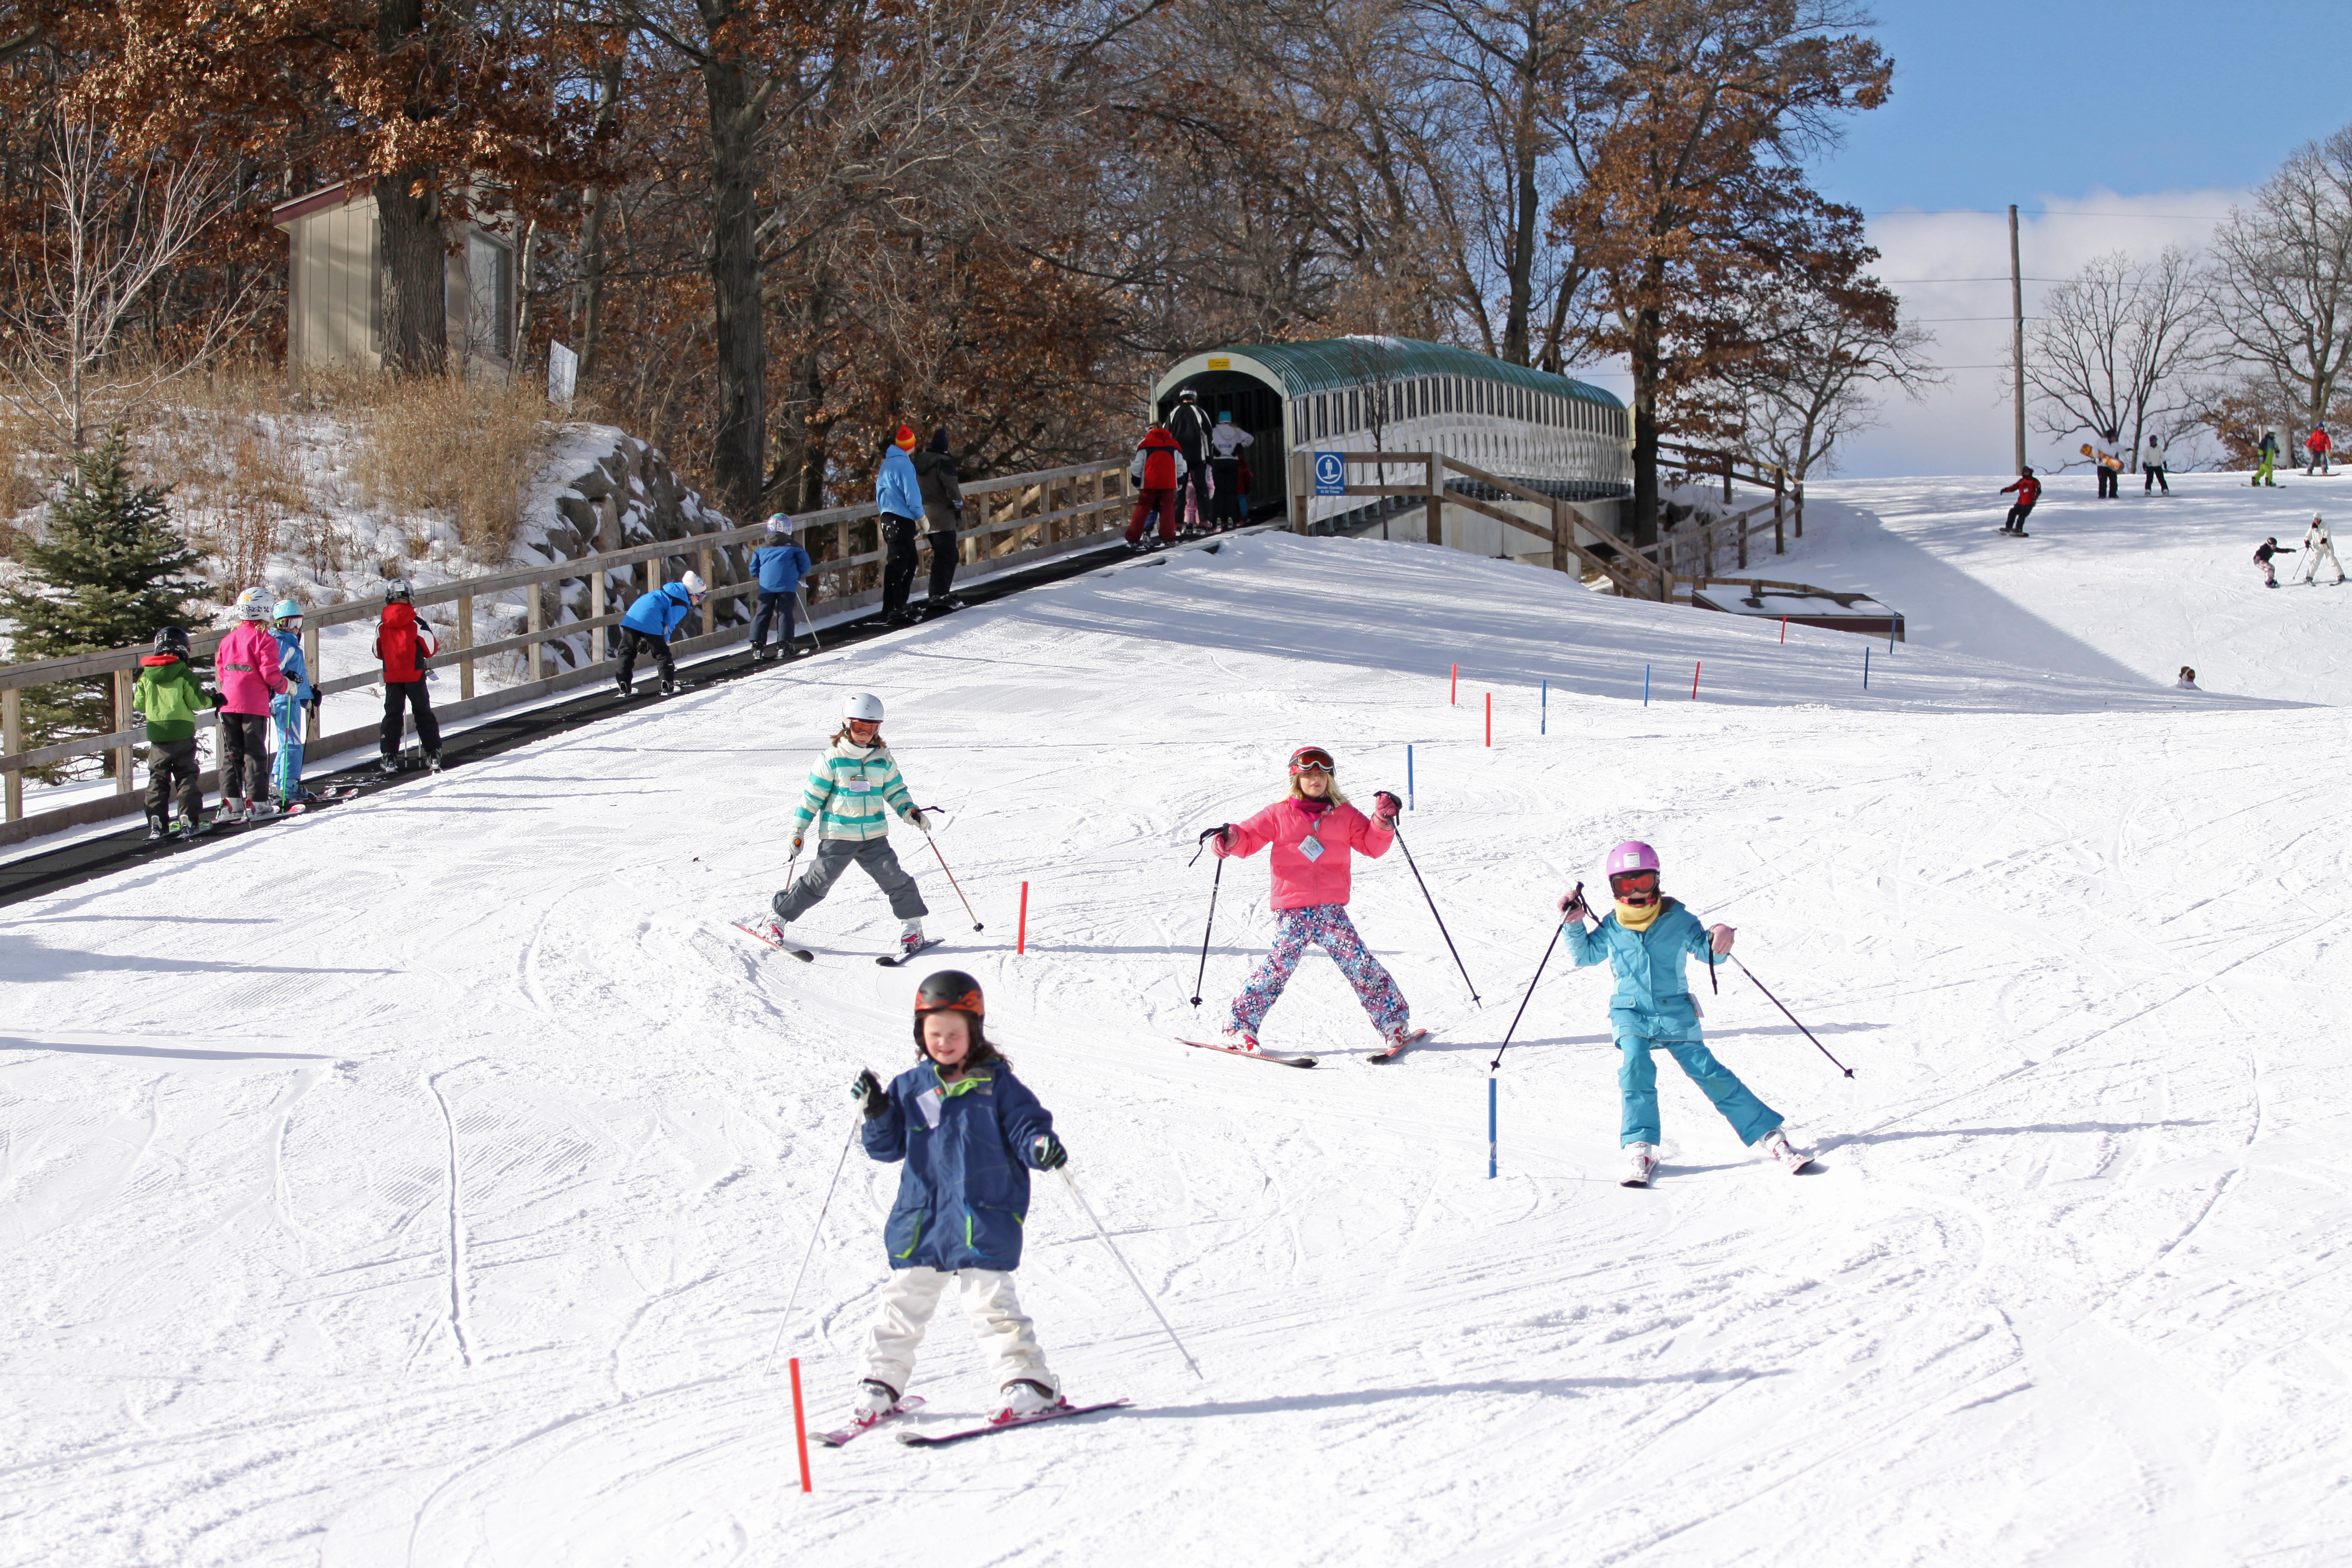 171207-ski-destinations-Minneaoplis-Buck-Hill-Ski- Snowboard